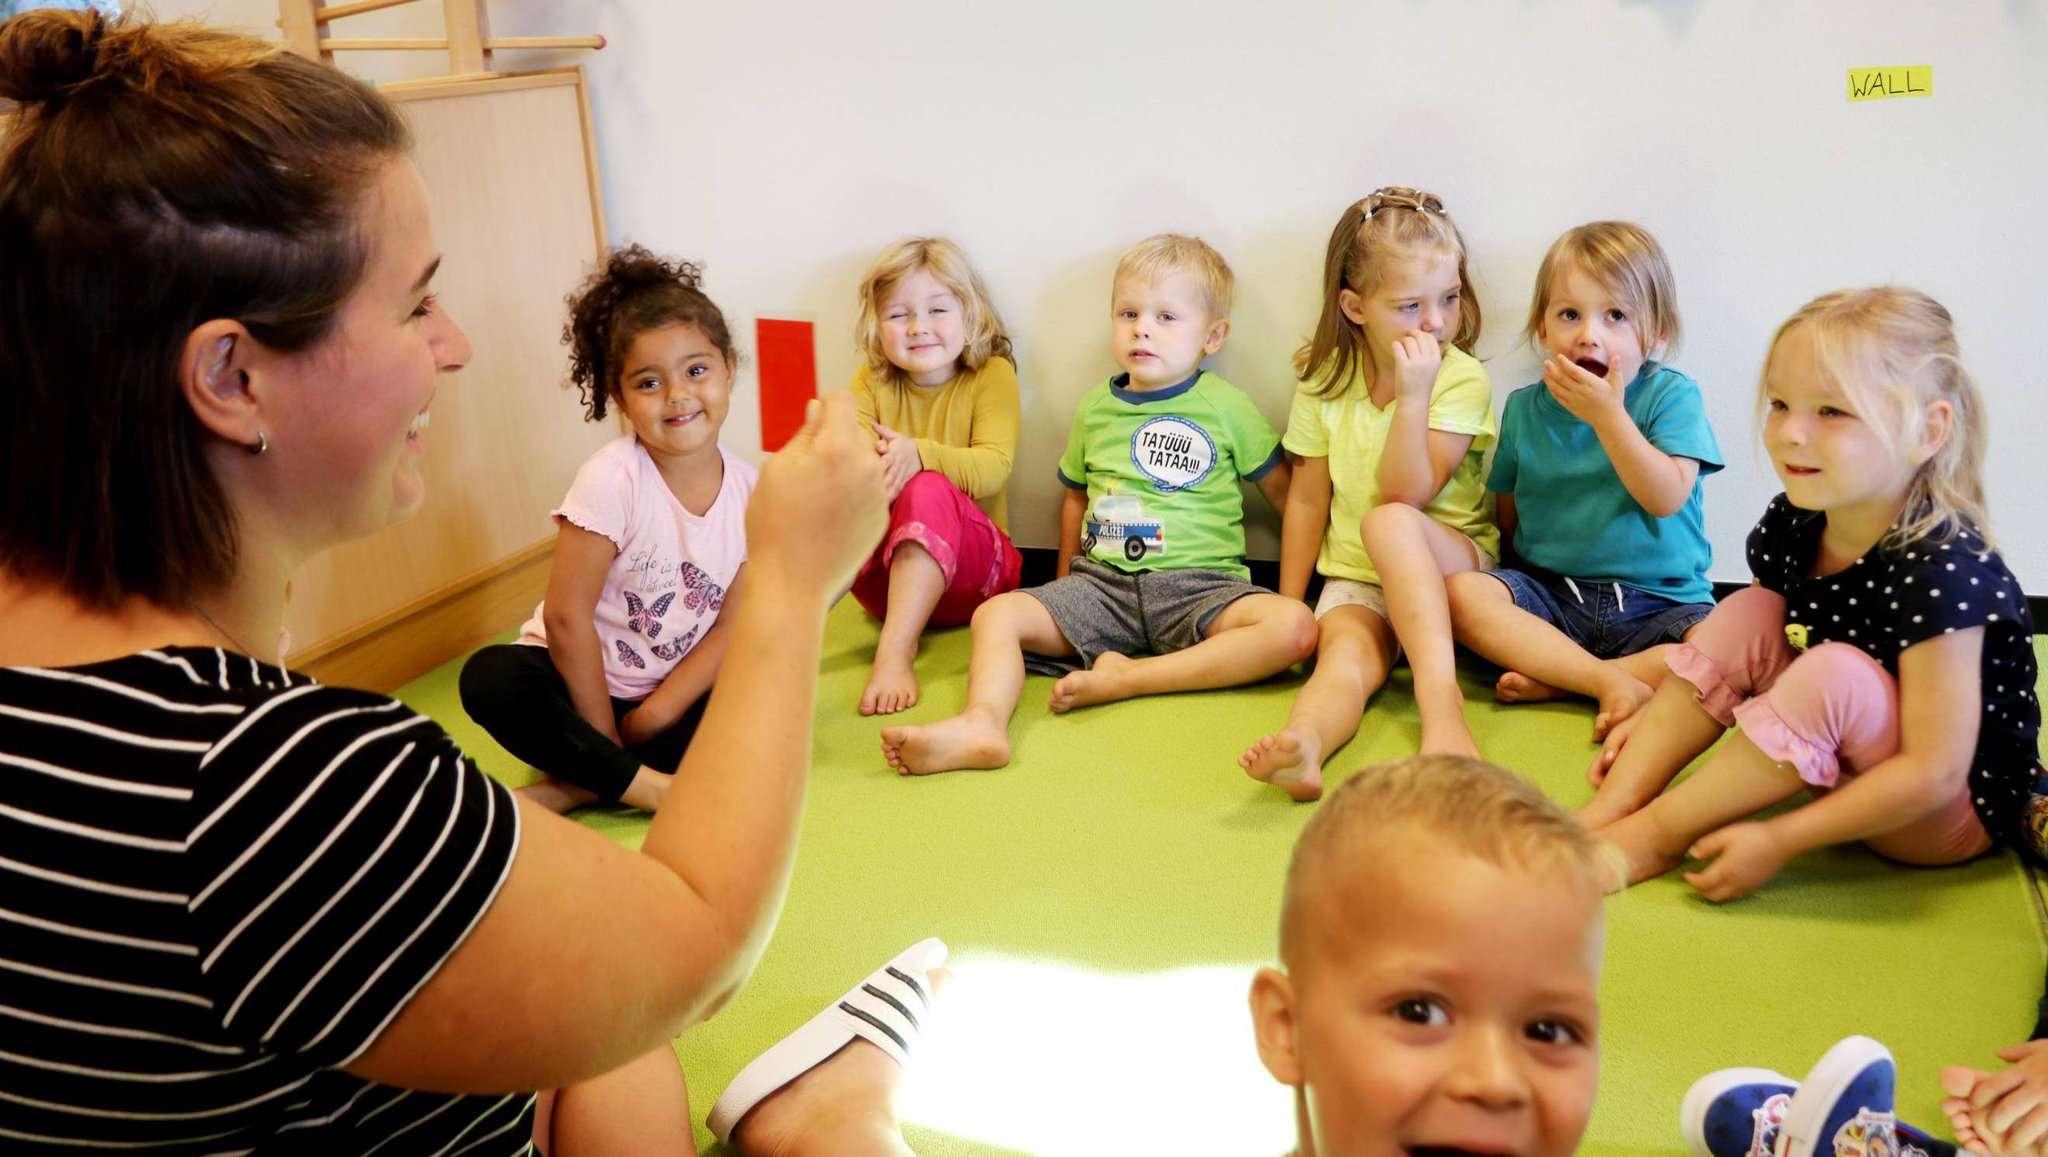 Welcher Tag ist heute? Alena Lühmann stellt ihre kleinen Schützlinge auf die Probe. Foto: Nina Baucke